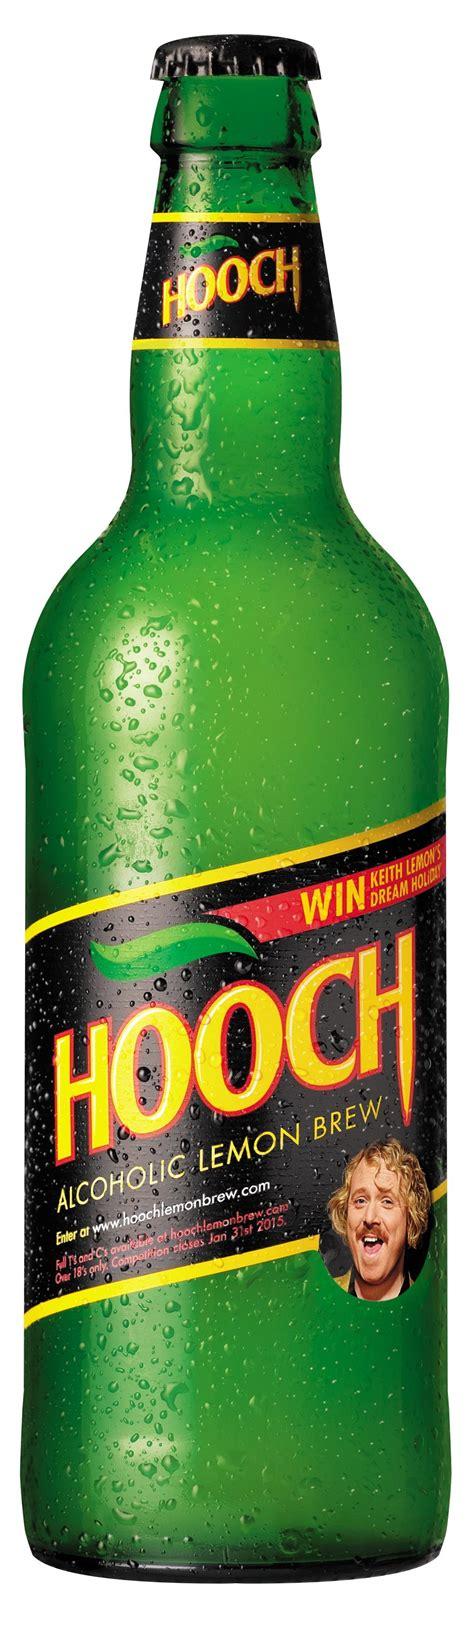 what of was hooch hooch gallery